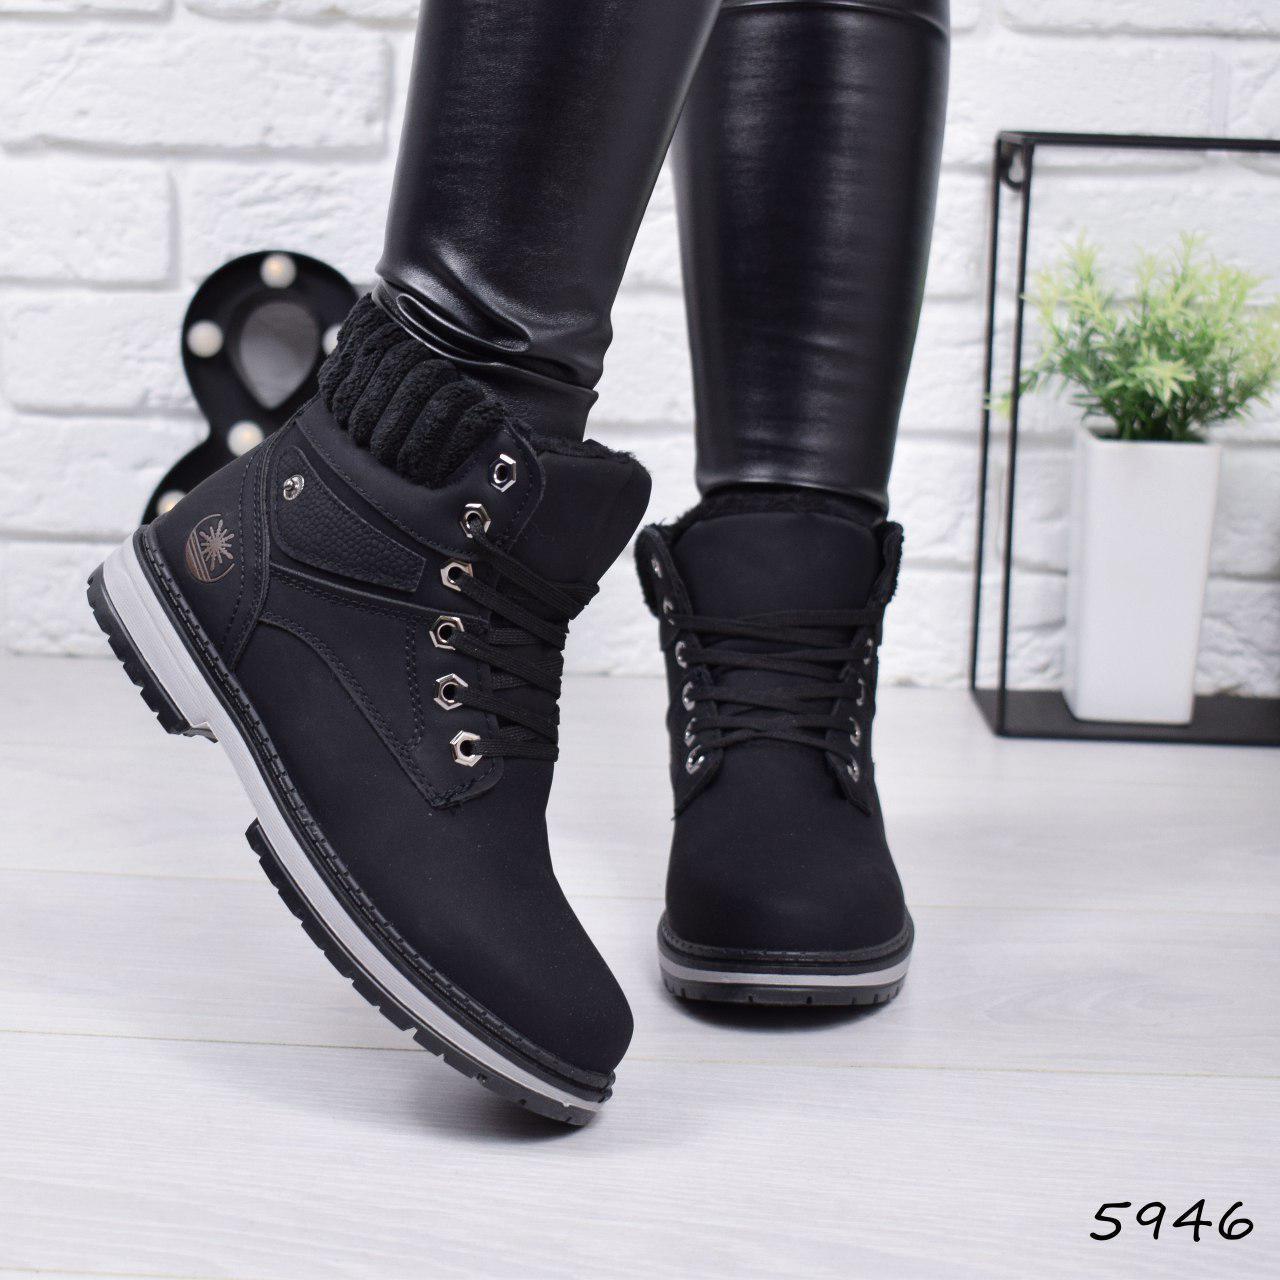 """Ботинки, ботильоны черные ЗИМА """"Combers"""" эко замша, повседневная, зимняя, теплая, женская обувь"""